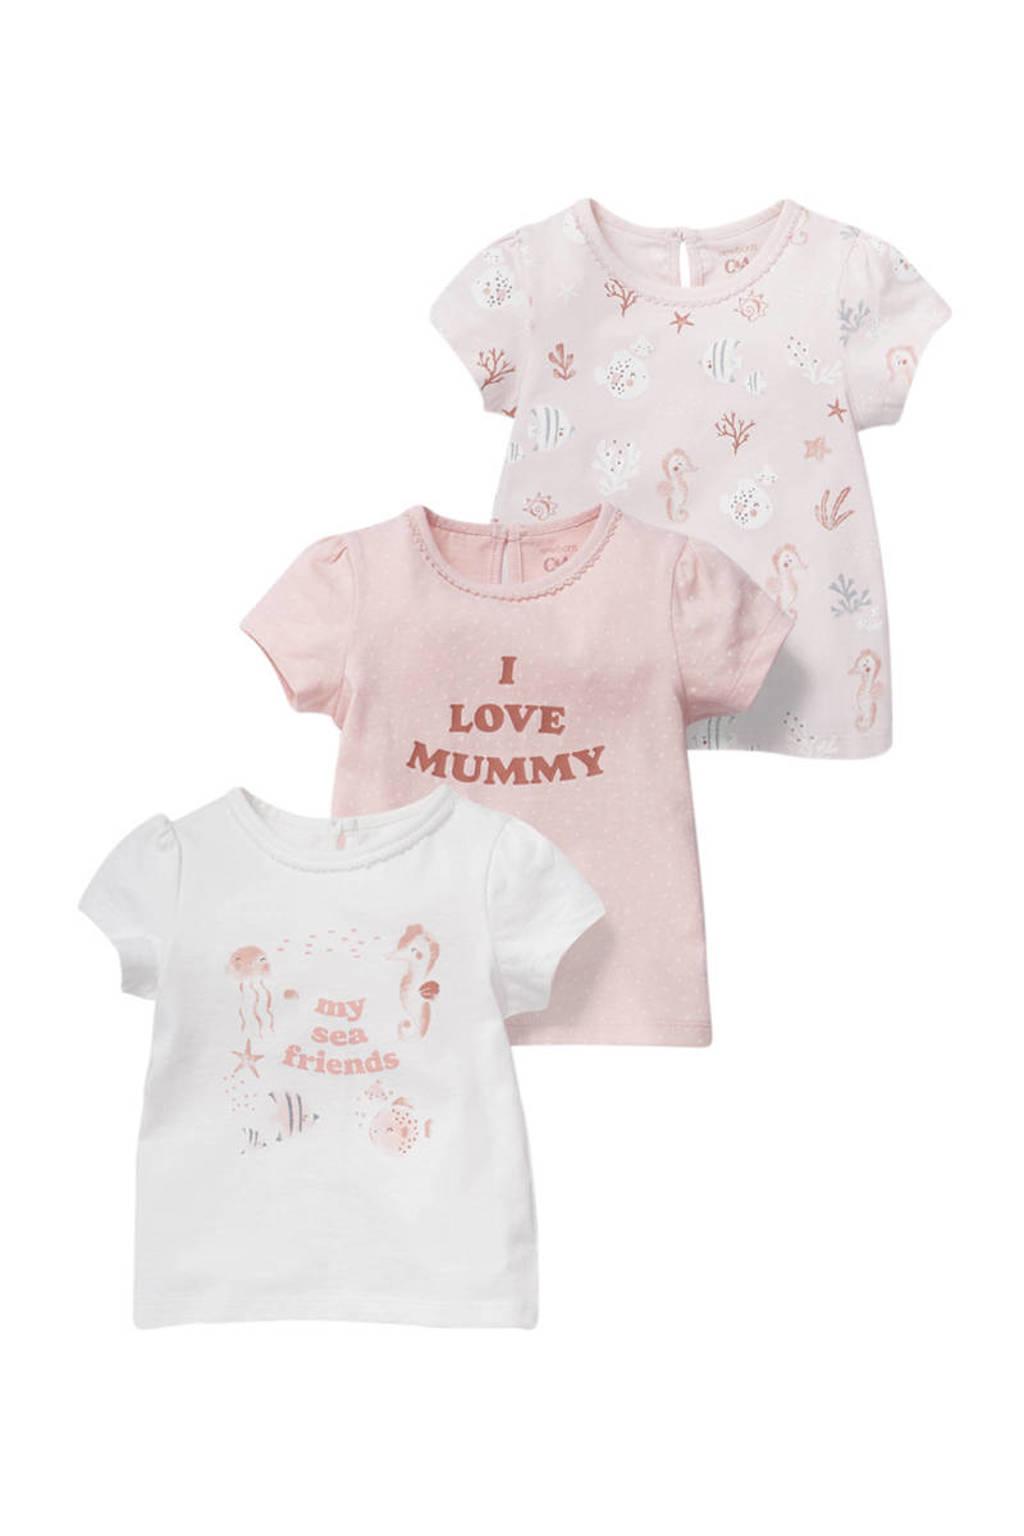 C&A Baby Club T-shirt - set van 3 lichtroze/wit, Roze/wit